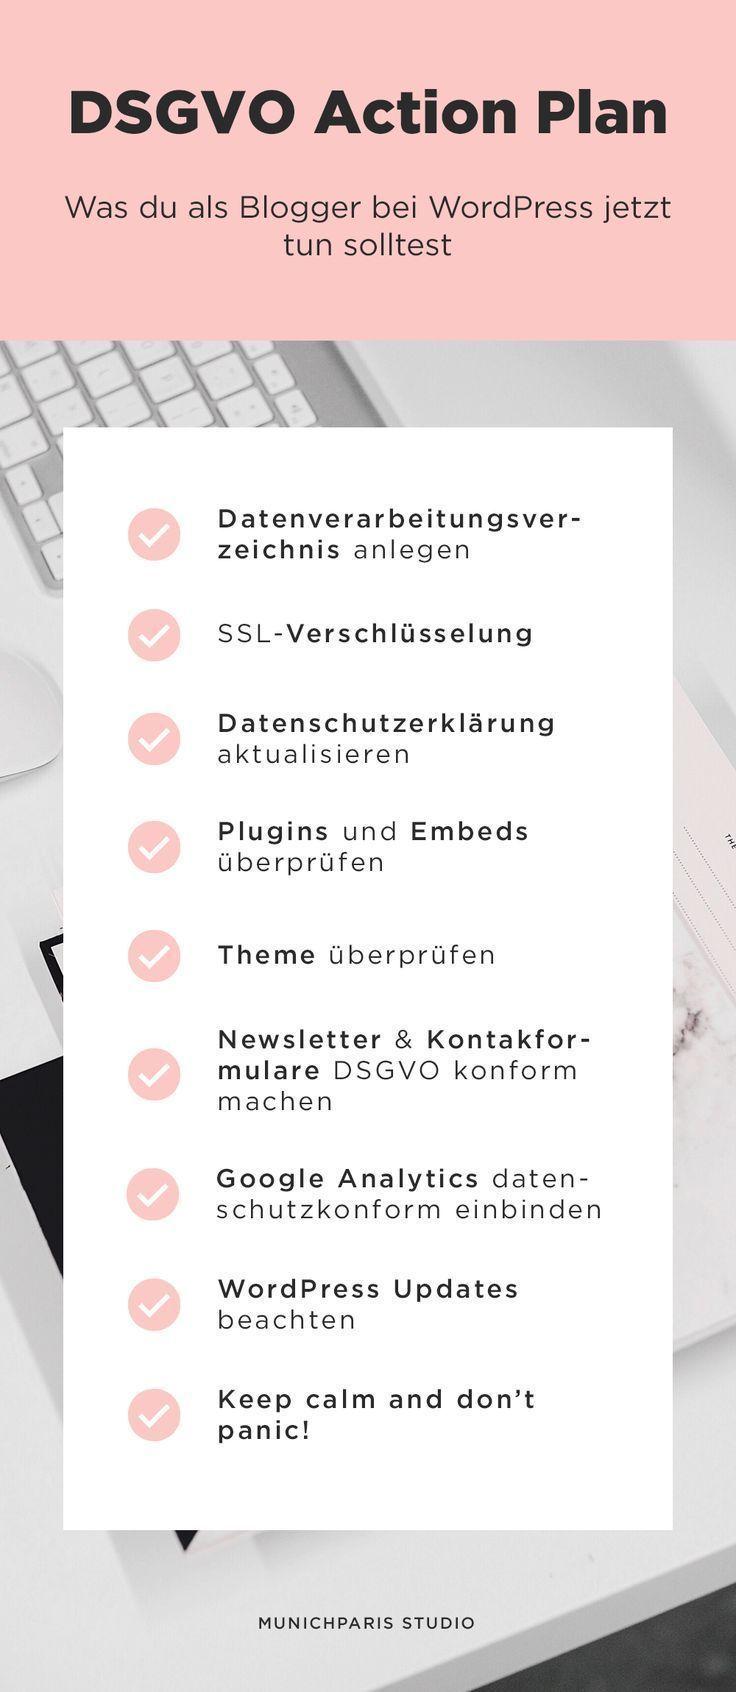 Die Dsgvo Wordpress Checkliste Fur Blogger Munichparis Studio In 2020 Blog Erstellen Blog Starten Blog Tipps